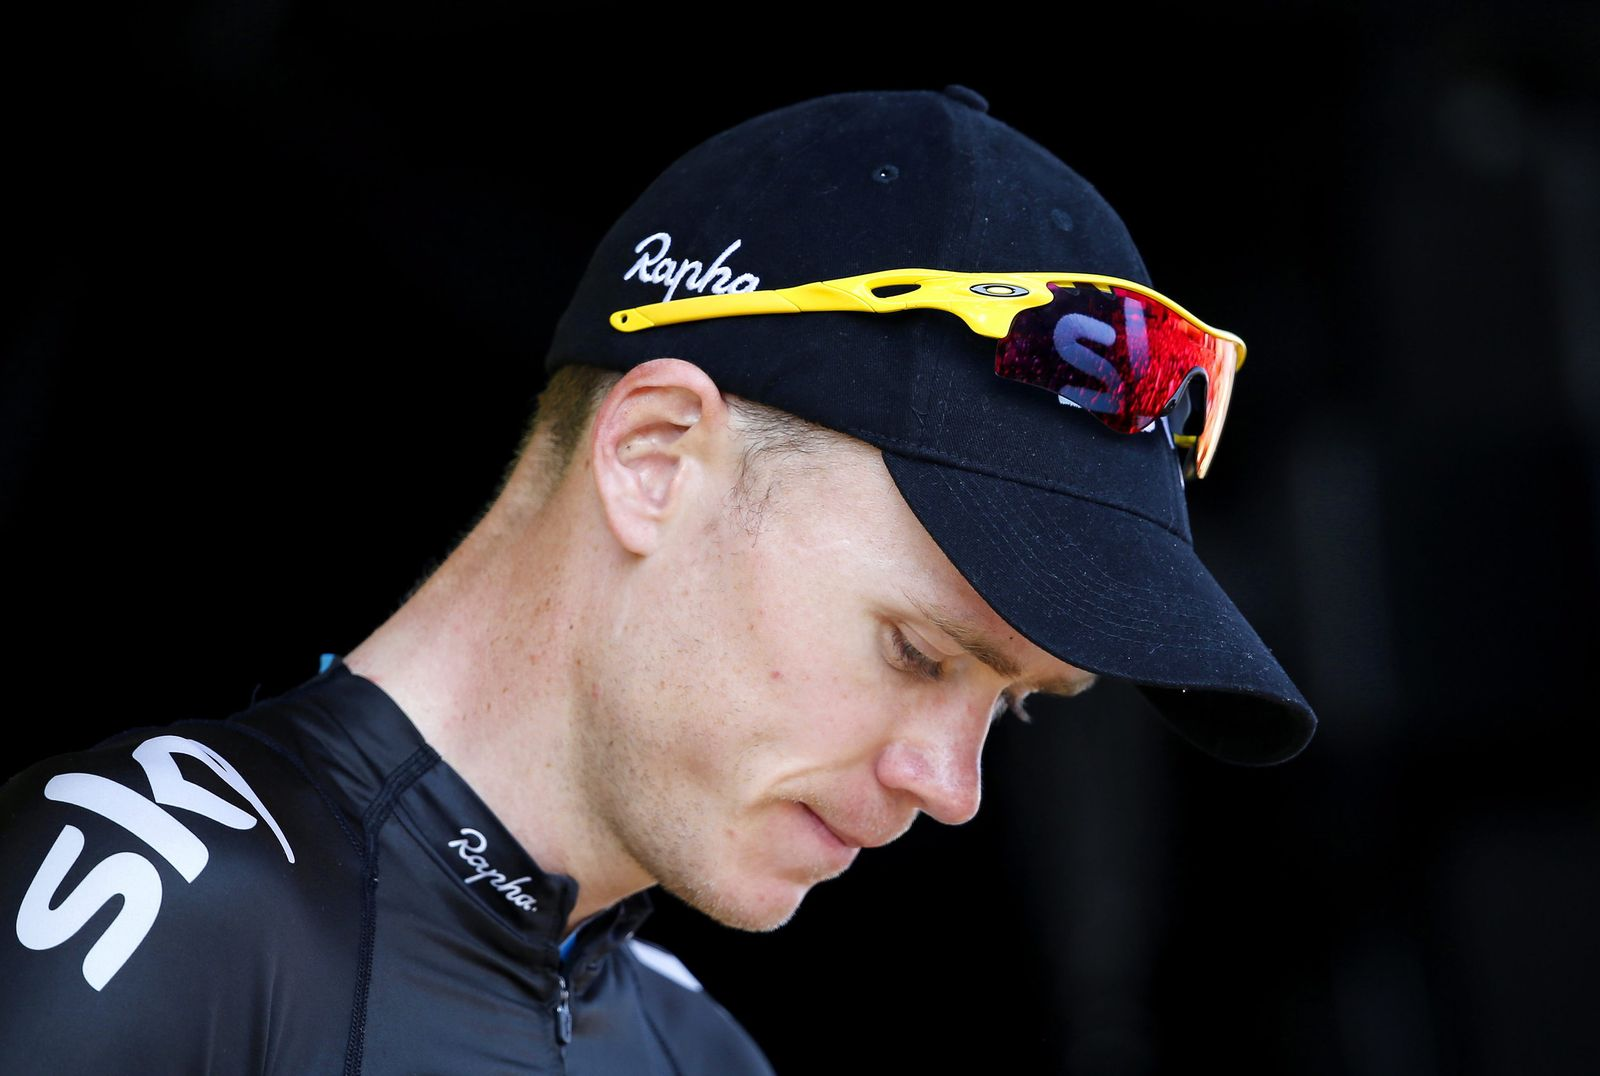 Tour de France 2013 13th stage